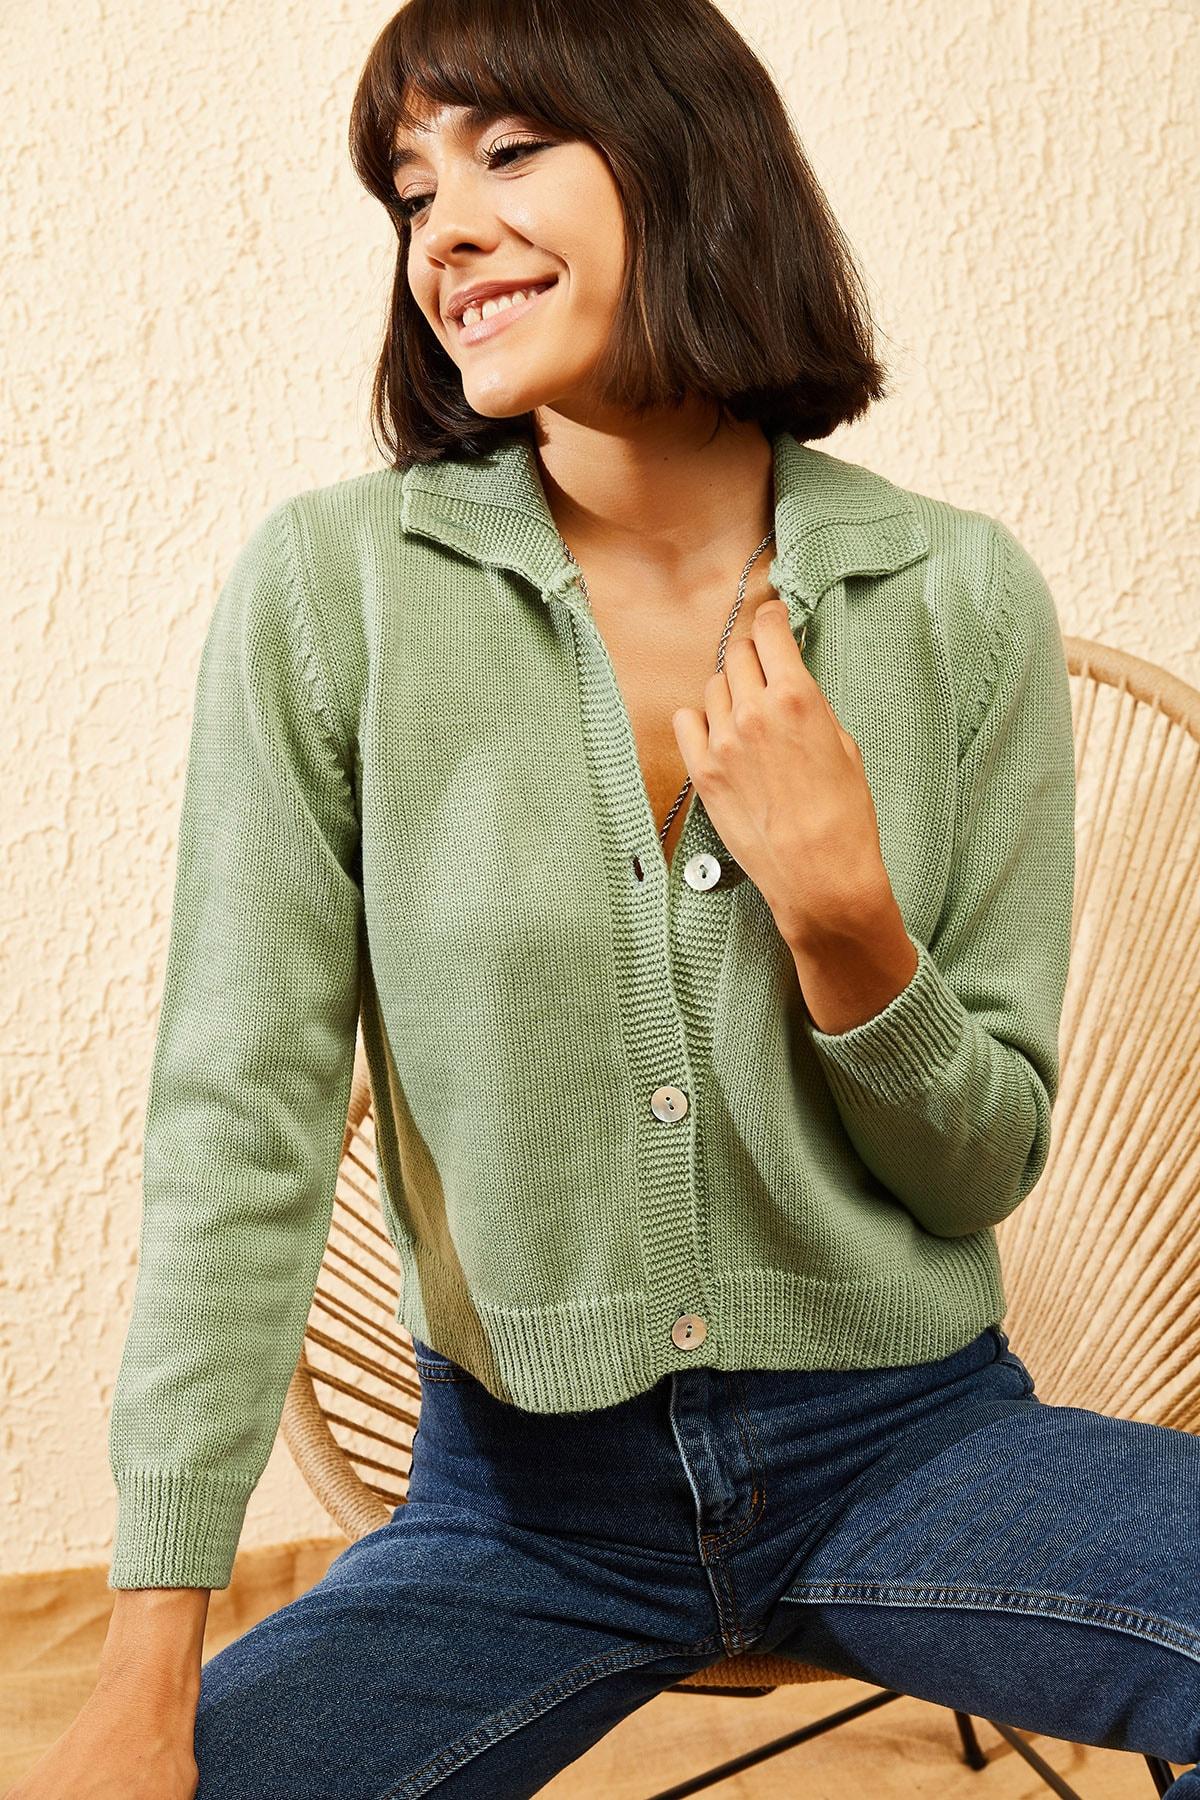 Bianco Lucci Kadın Çağla Yeşili Balıkçı Yaka Düğmeli Fitilli Hırka 10121003 2